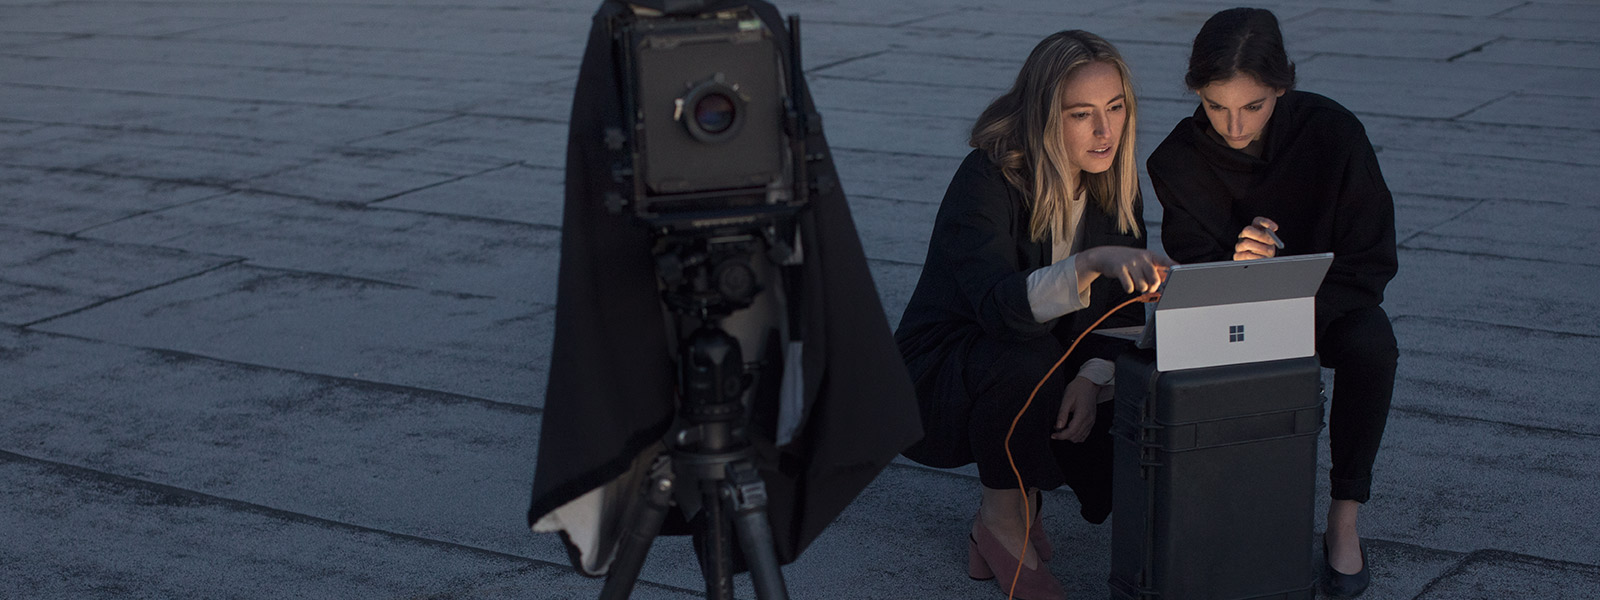 Kaksi videokuvaajaa käyttämässä Surface Pro -laitetta kuvattujen otosten tarkastamiseen